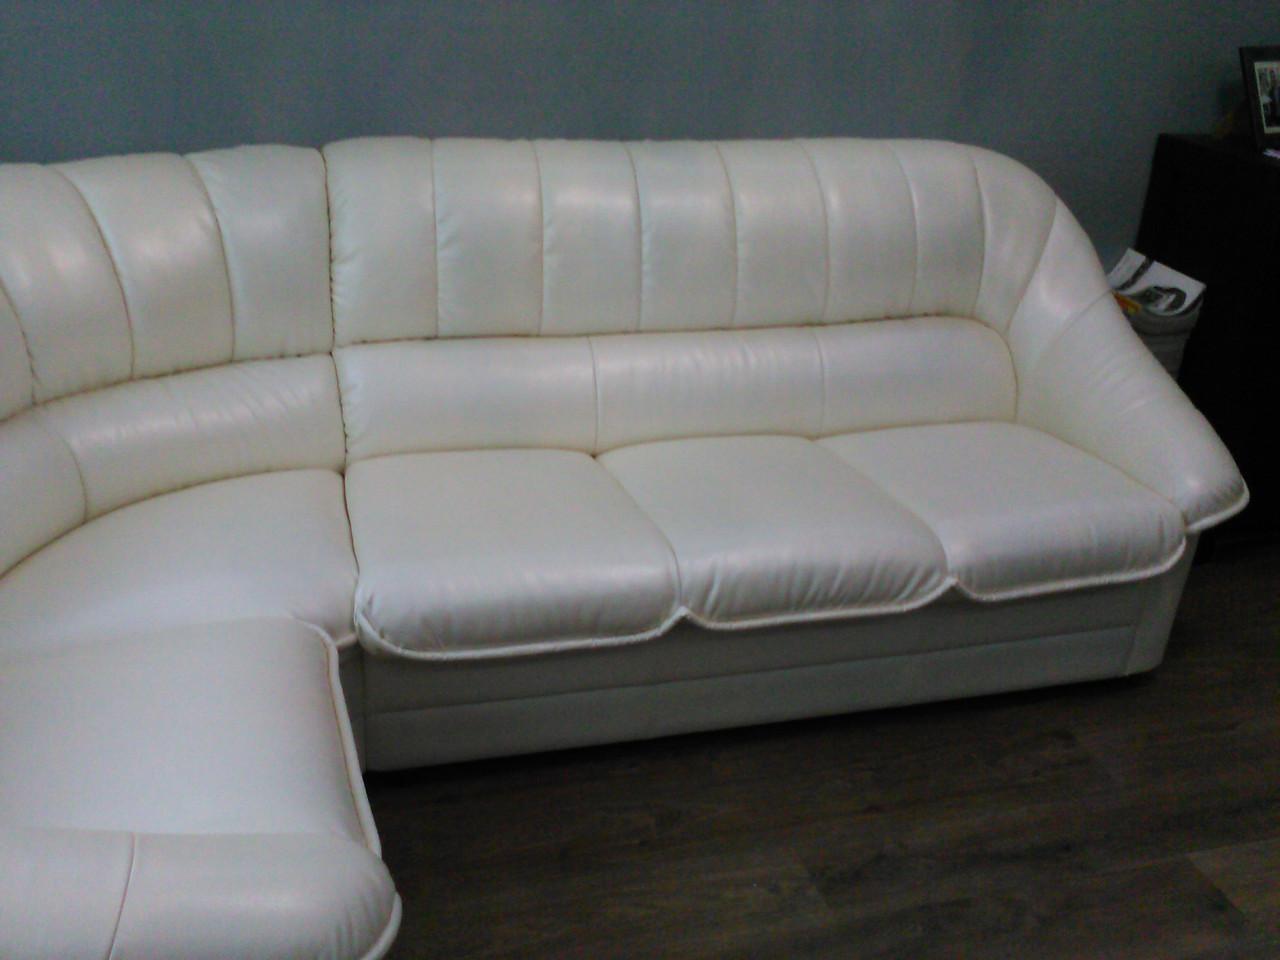 Перетяжка углового дивана Днепр. Перетяжка мягкой мебели.